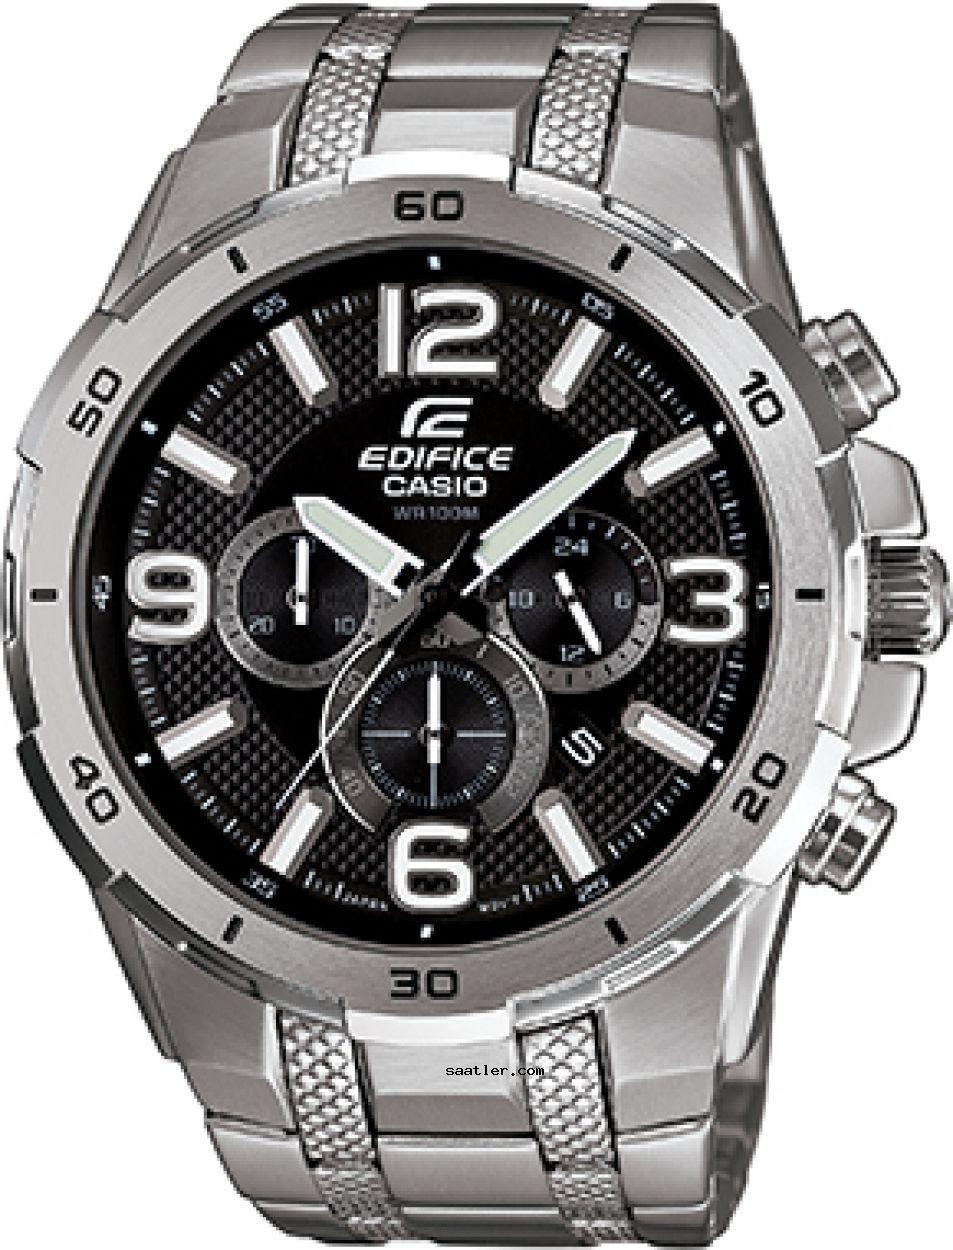 Casio Edifice Efr 538d 1avudf Erkek Kol Saati Siyah Kaslar Saatler Erkek Kol Saatleri